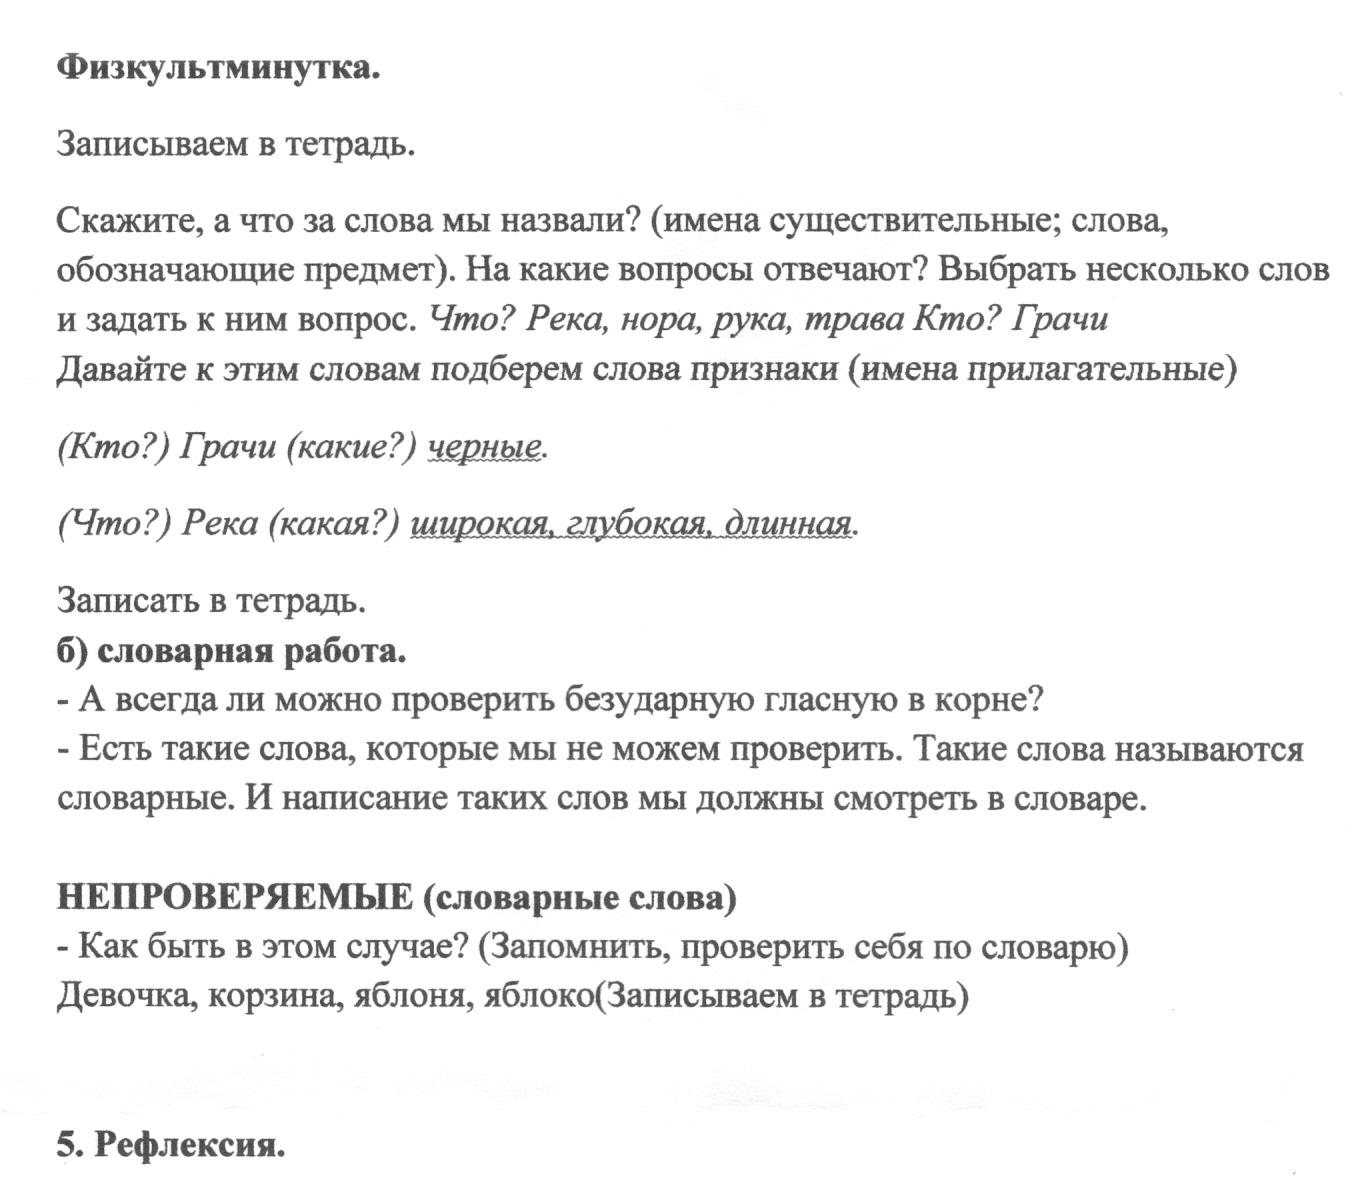 сканирование0056.jpg